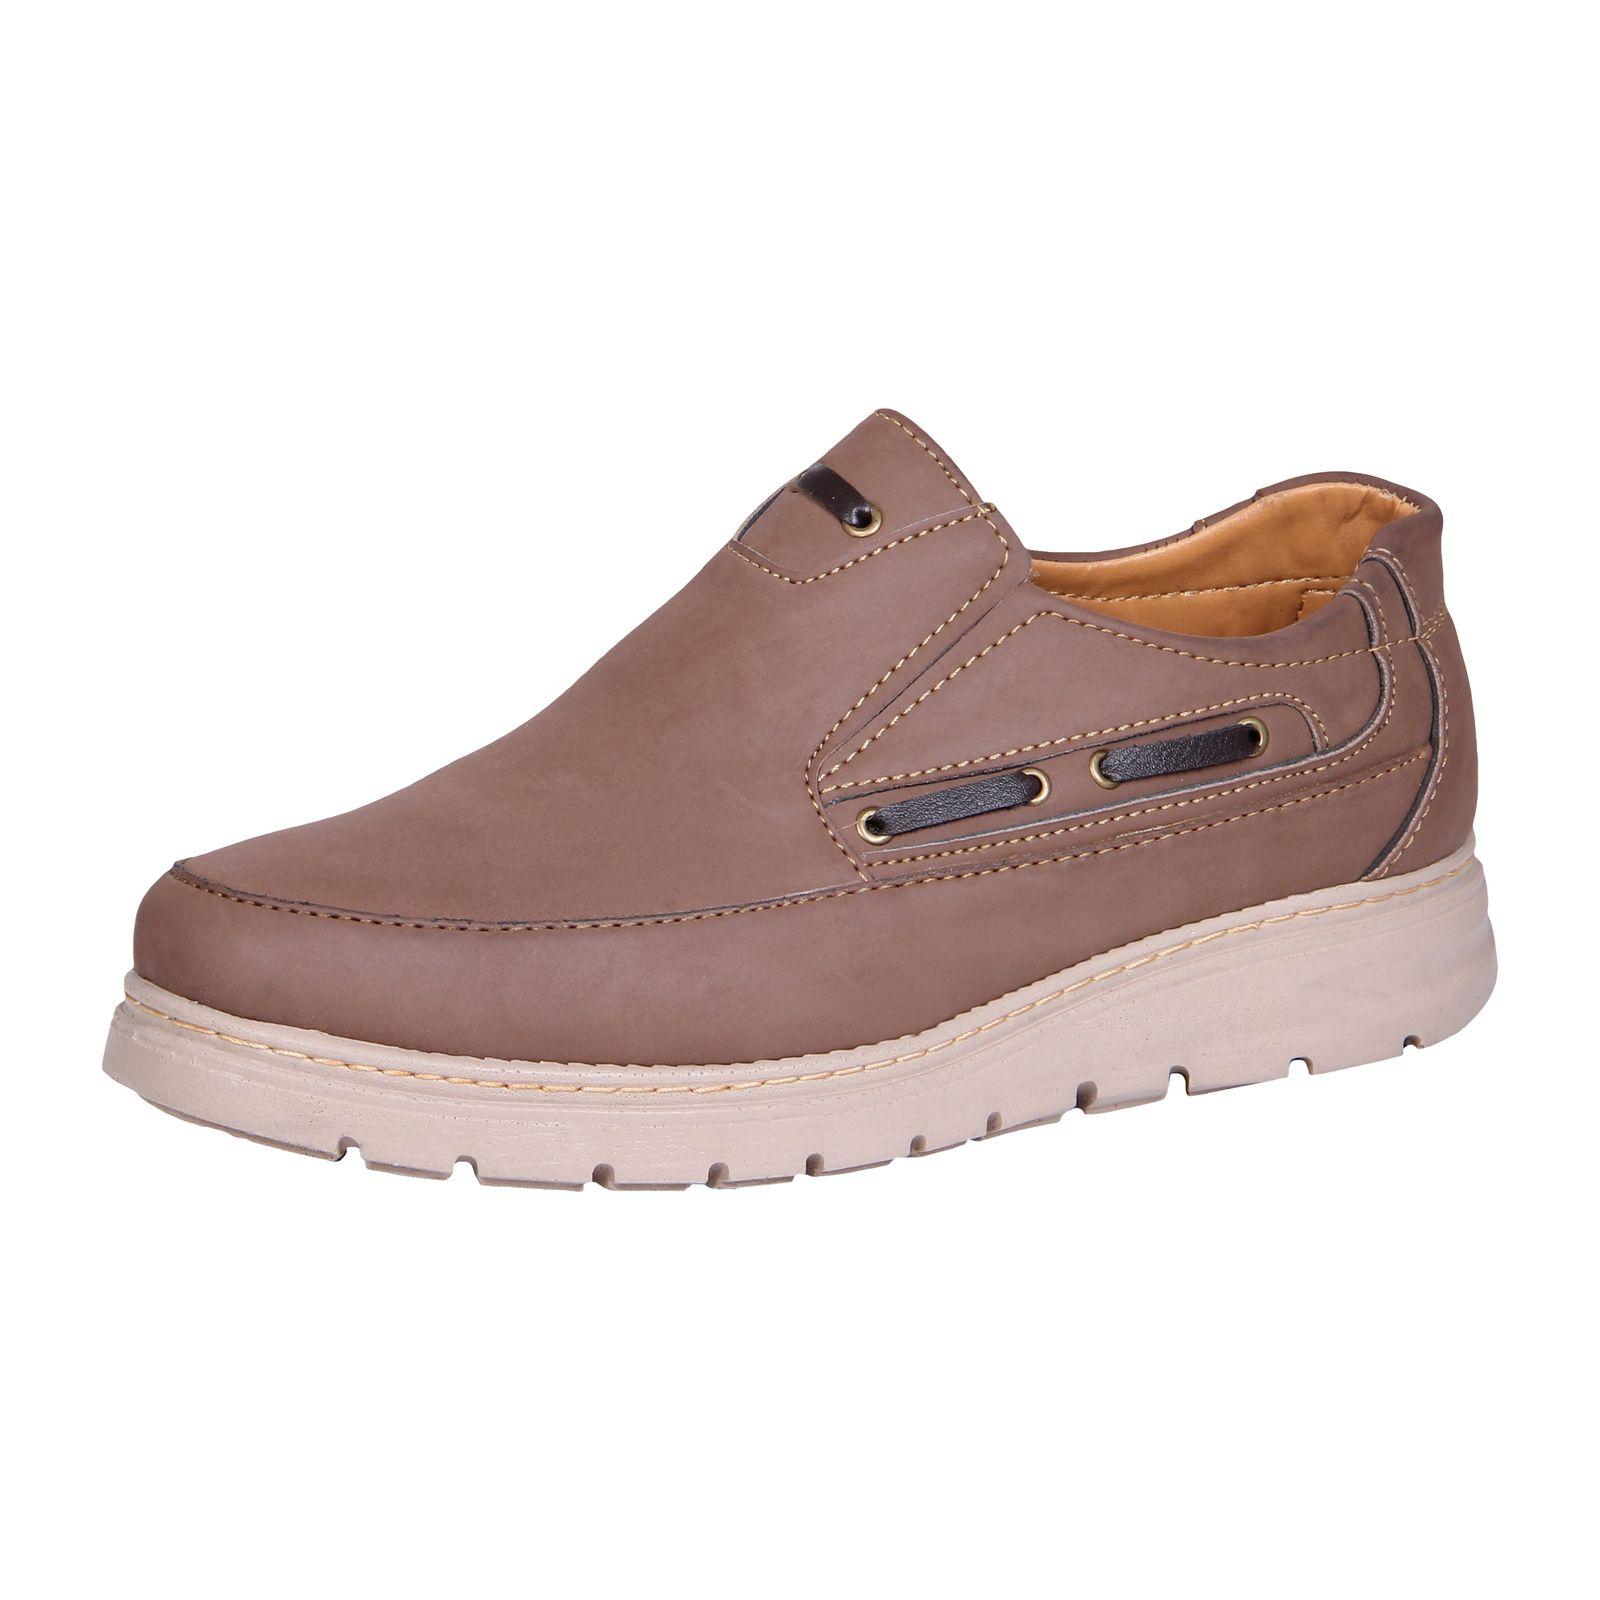 کفش روزمره مردانه کد 14-39868 -  - 1